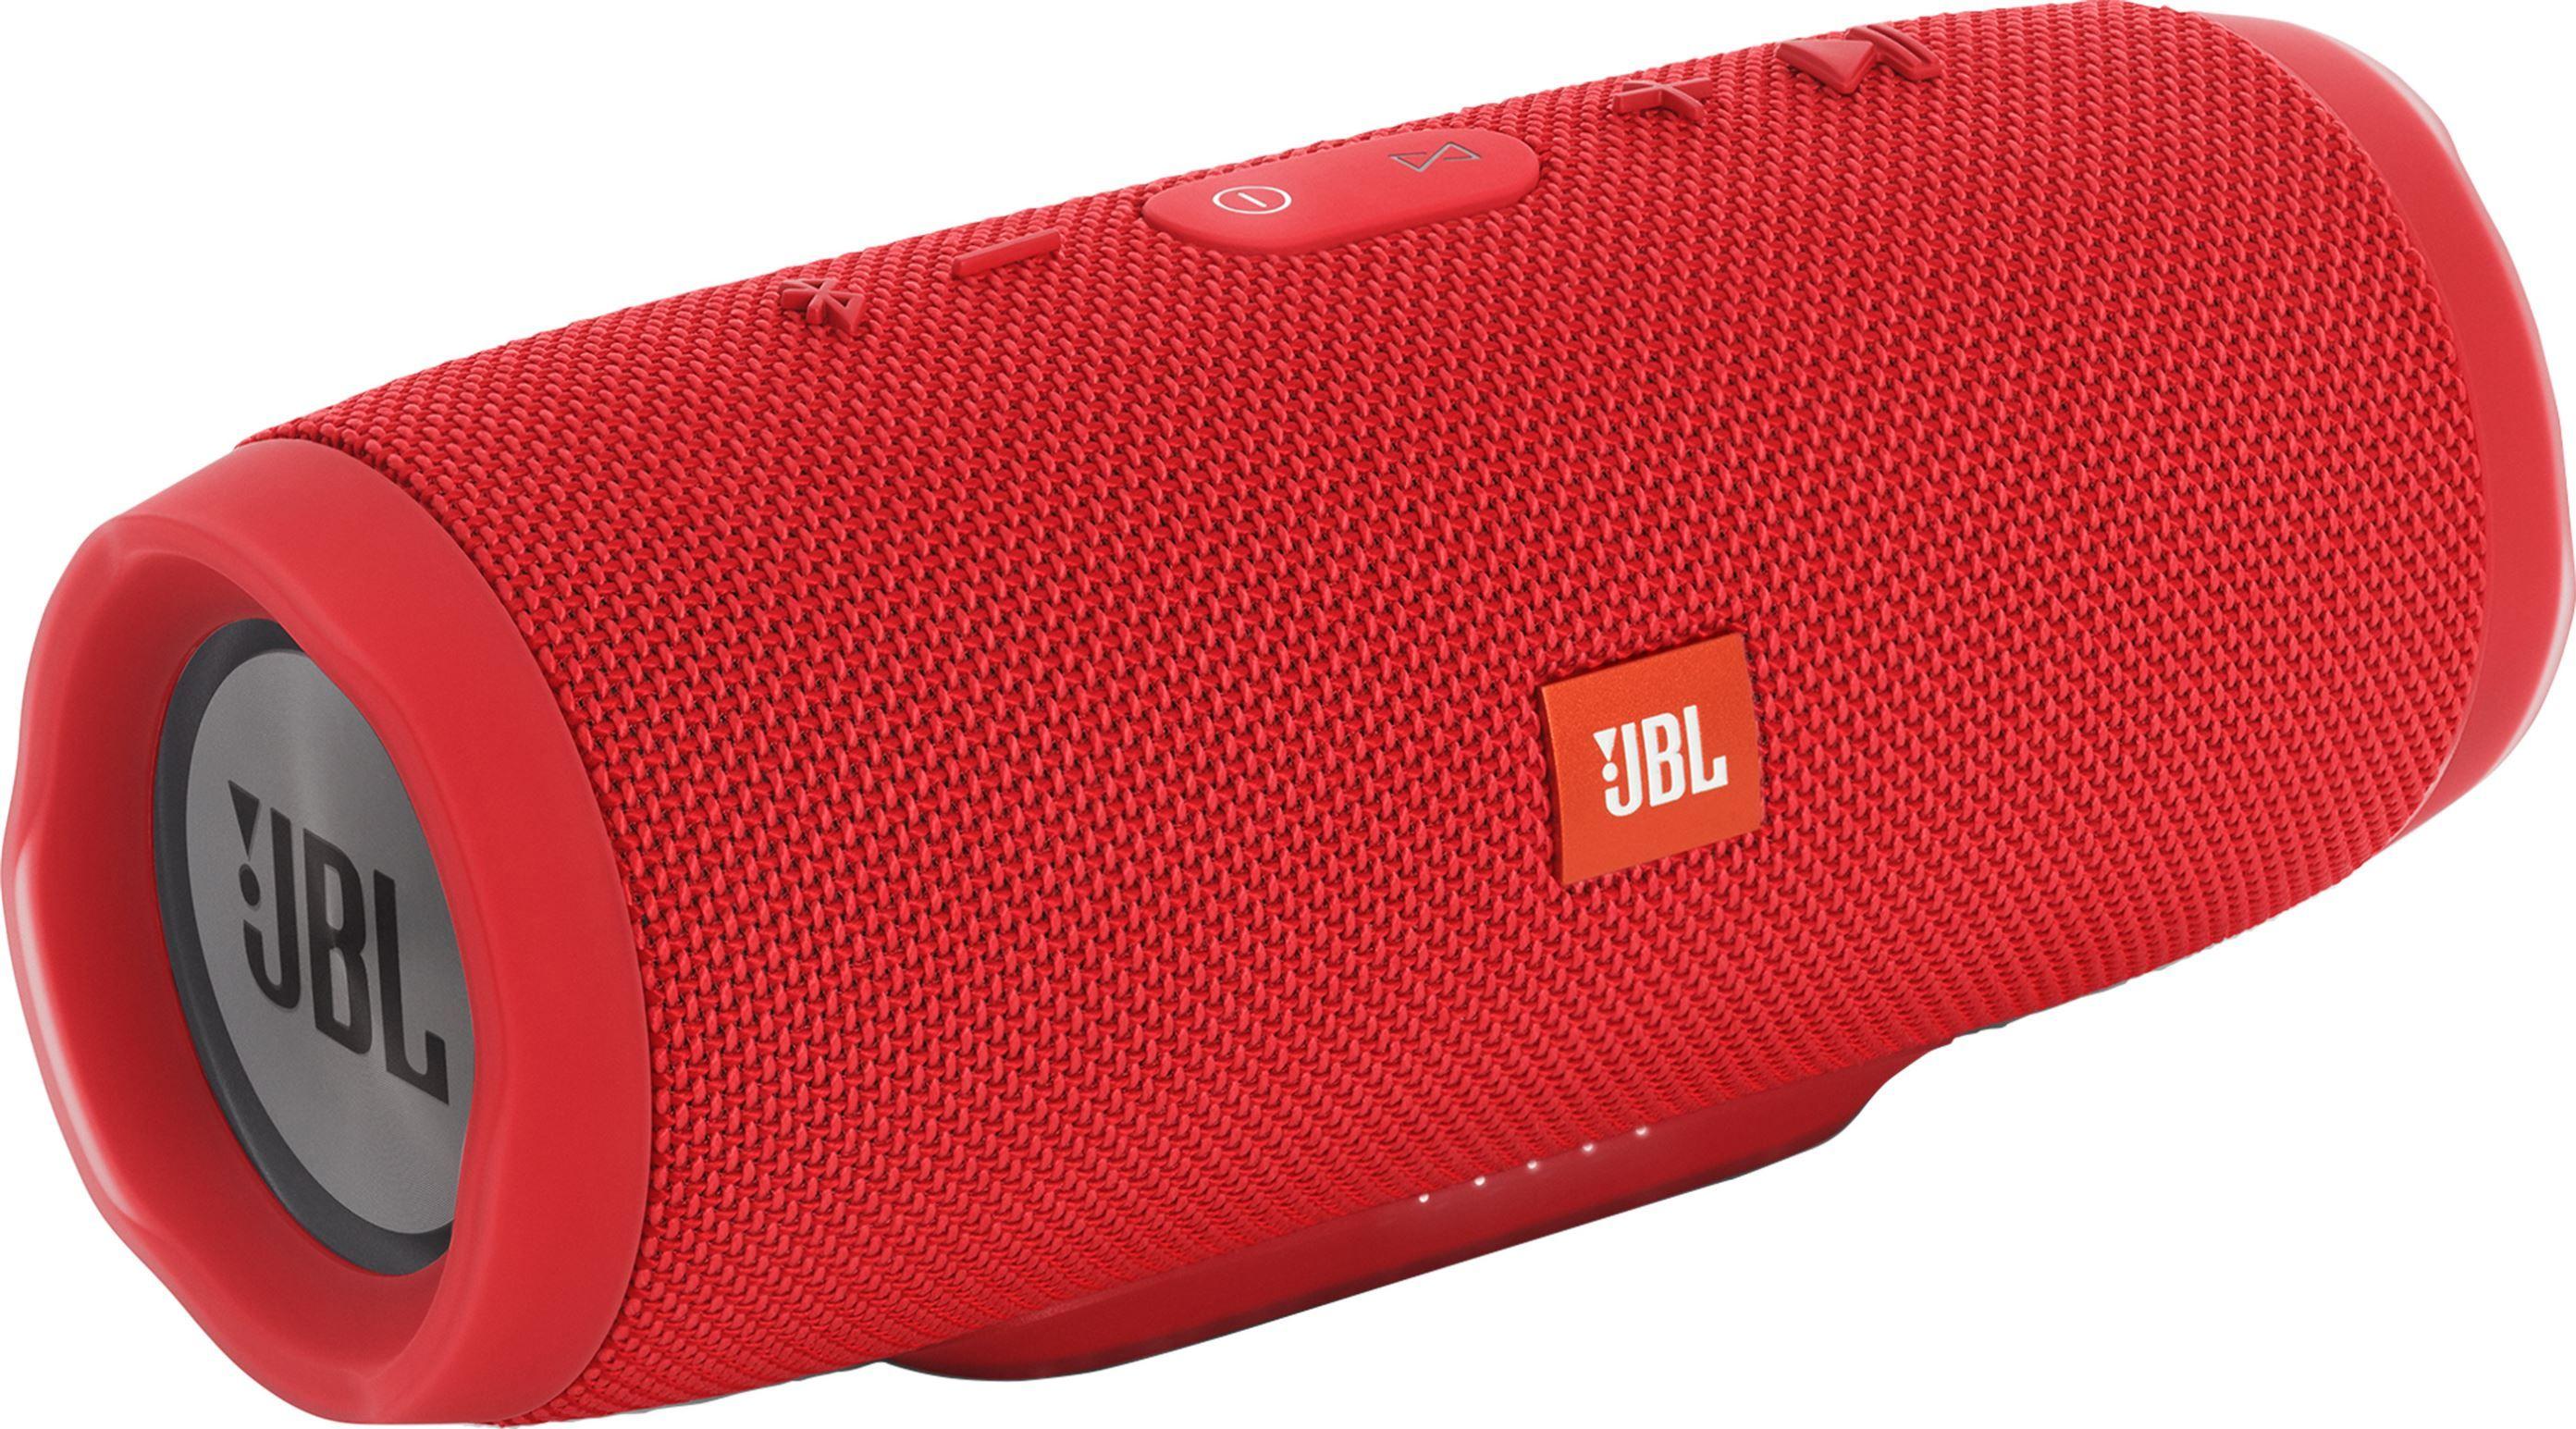 JBL Charge 3 Waterproof Portable Bluetooth Speaker (Red